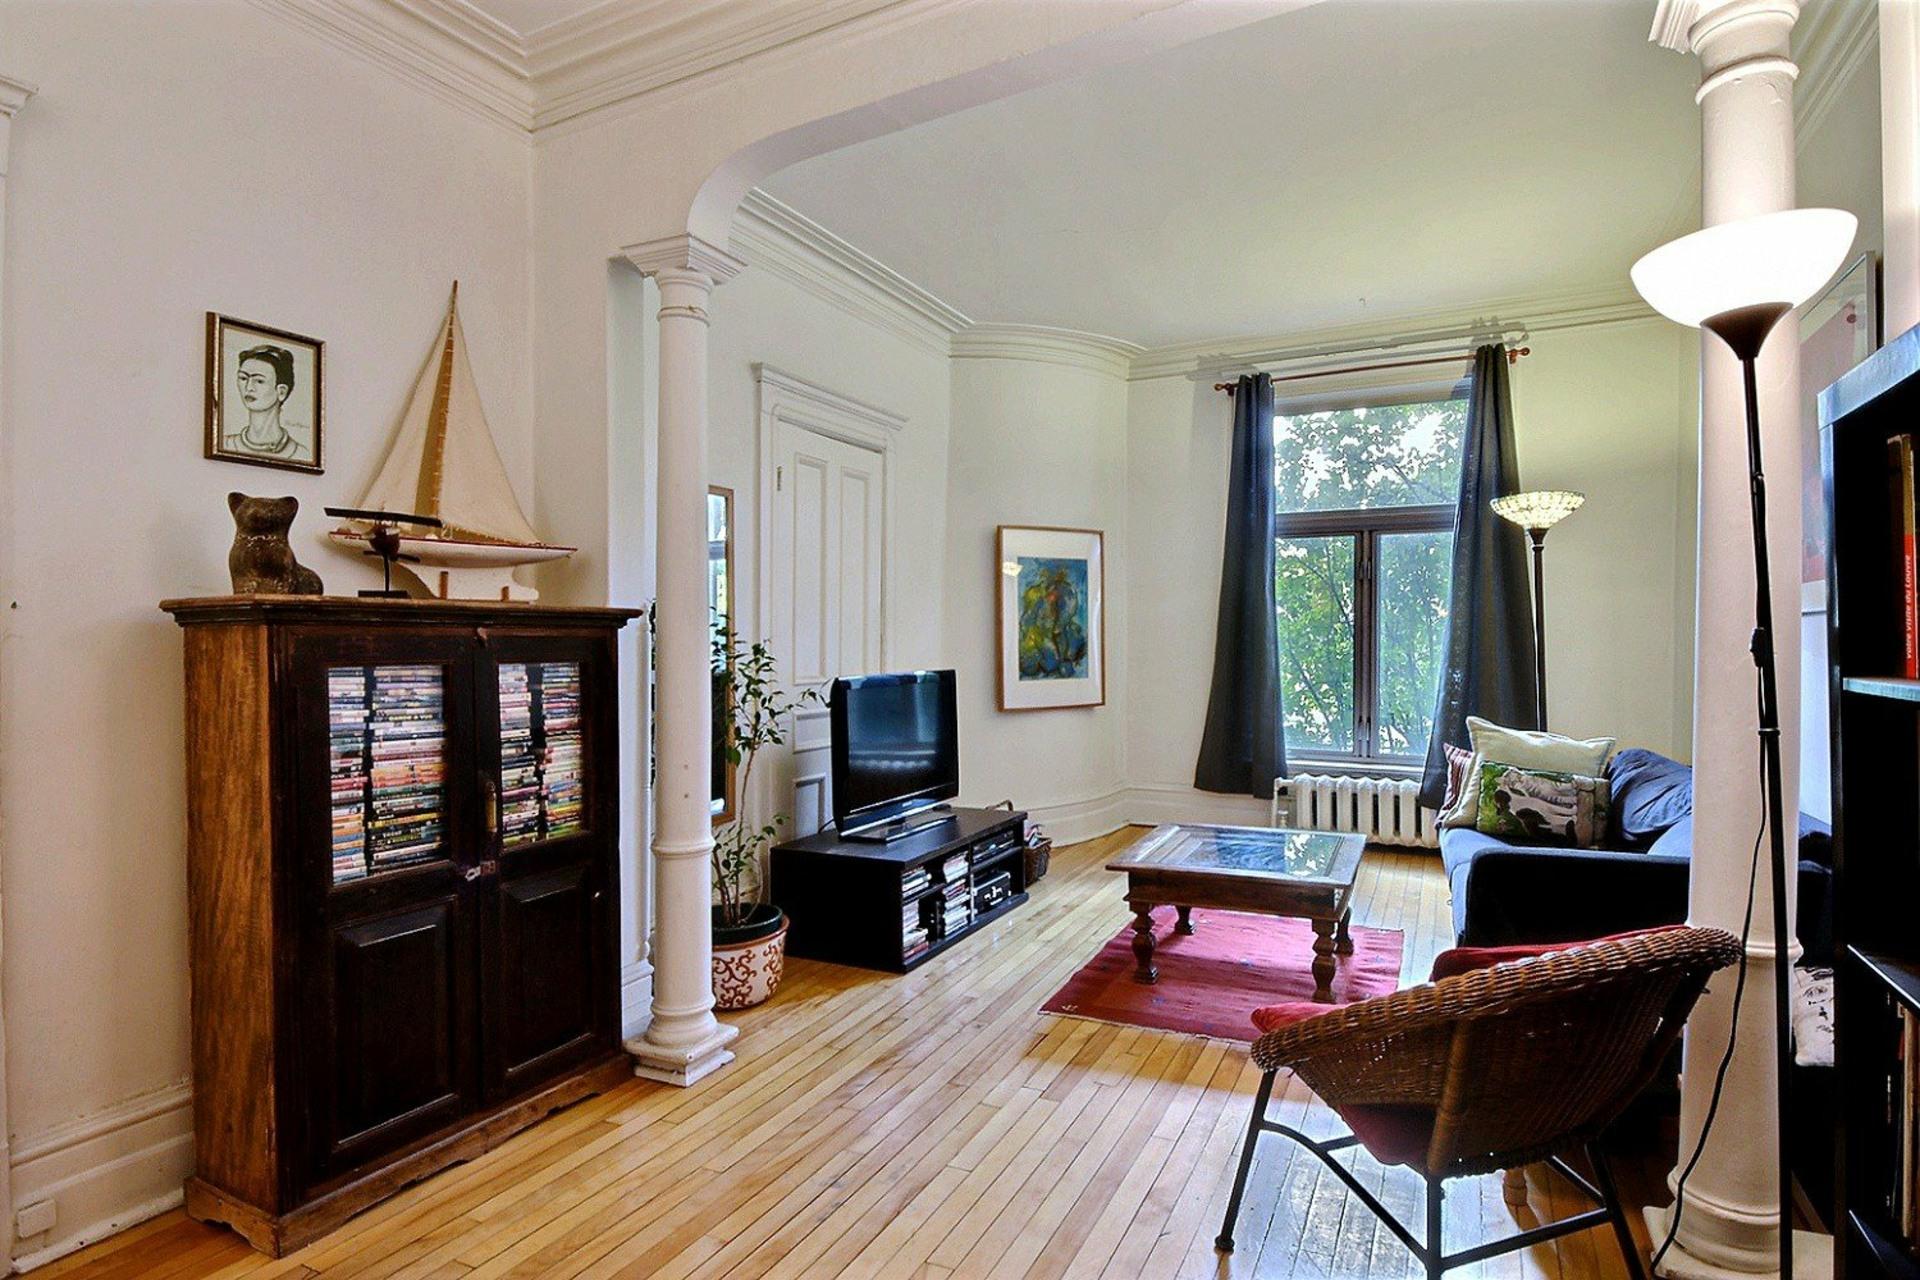 image 2 - Apartment For sale Montréal Le Plateau-Mont-Royal  - 7 rooms